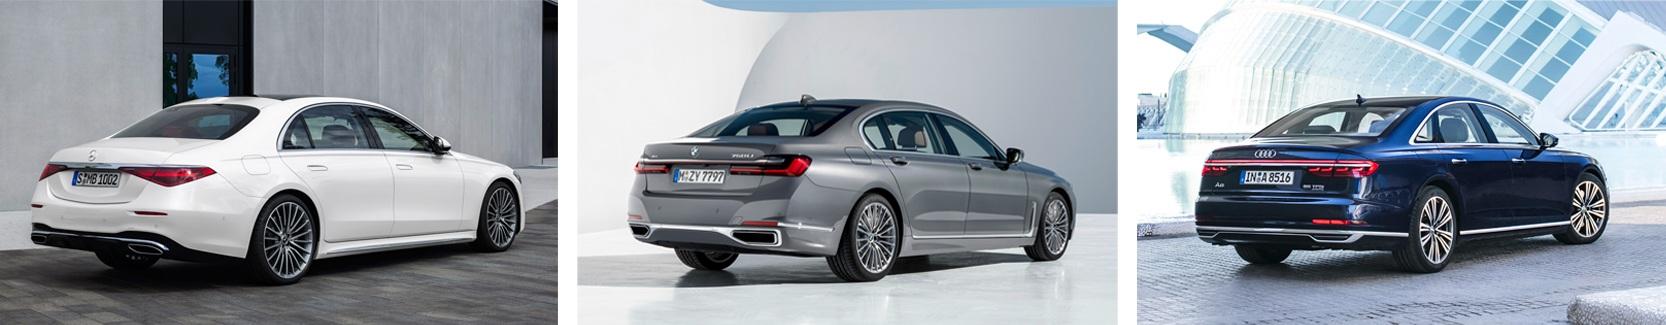 Chọn xe cho nhà giàu: Audi A8, BMW 7-Series, hay Mercedes S-Class mới? - 7